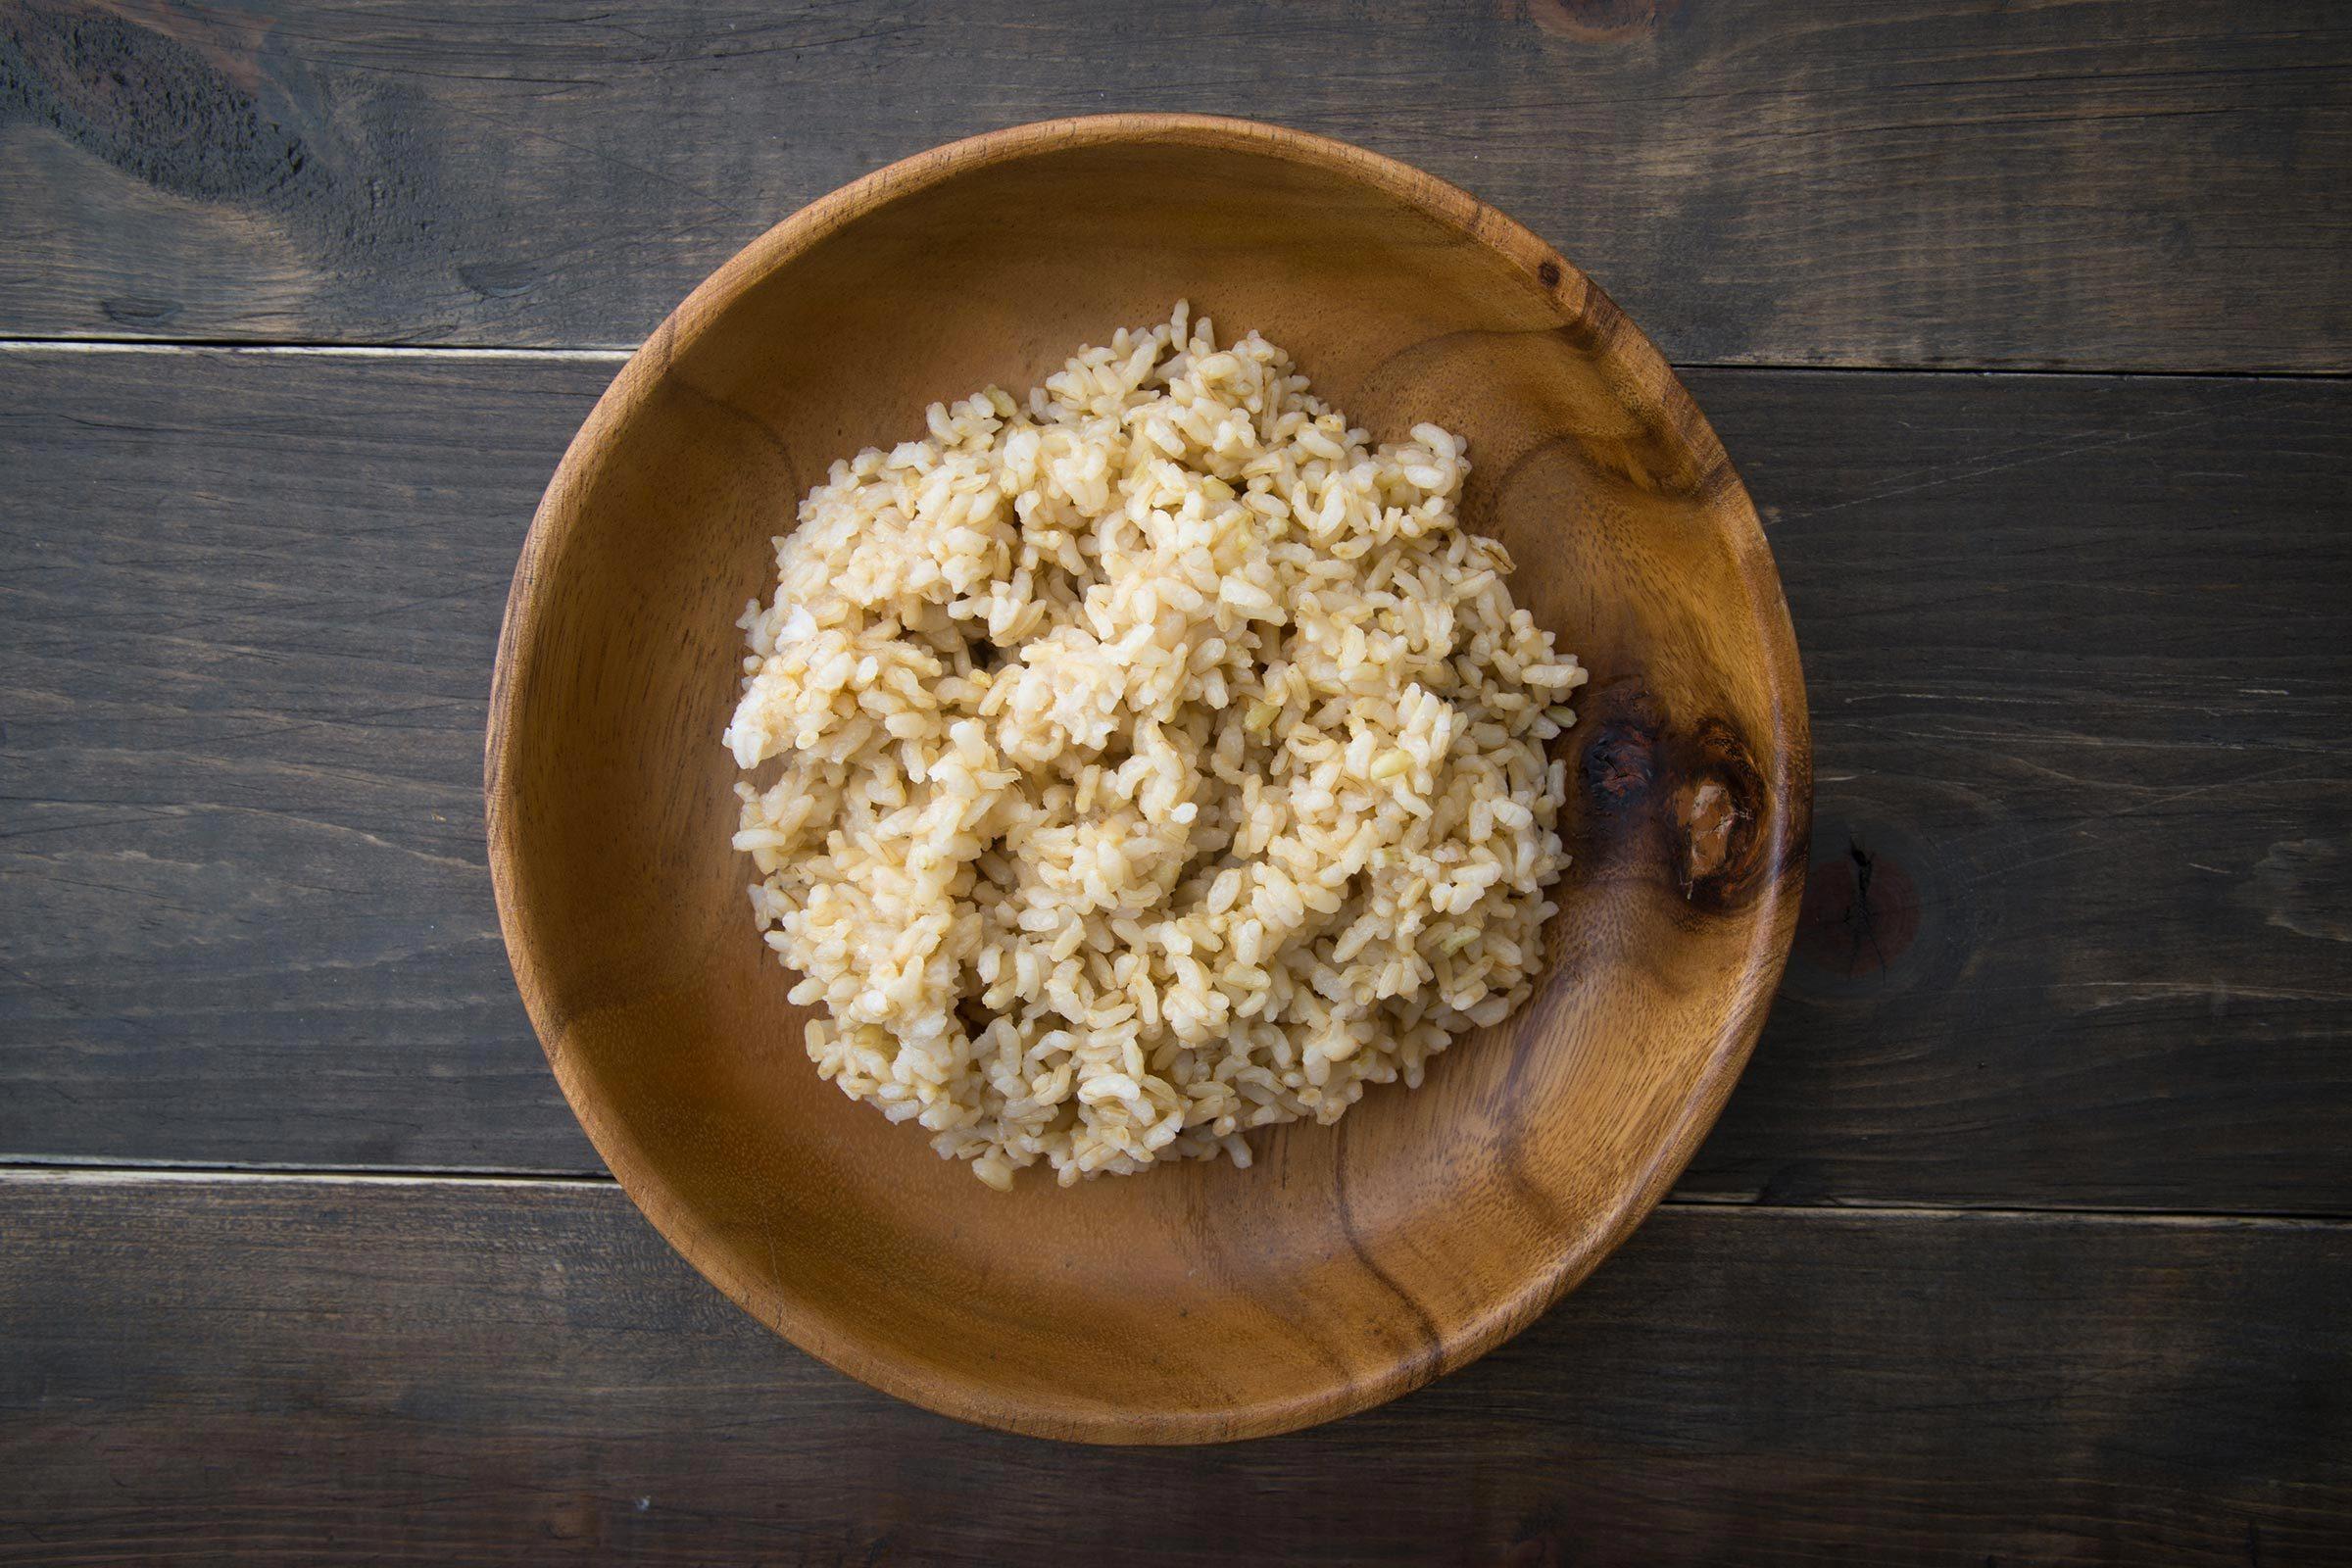 Avec les sushis, préférez le riz brun.